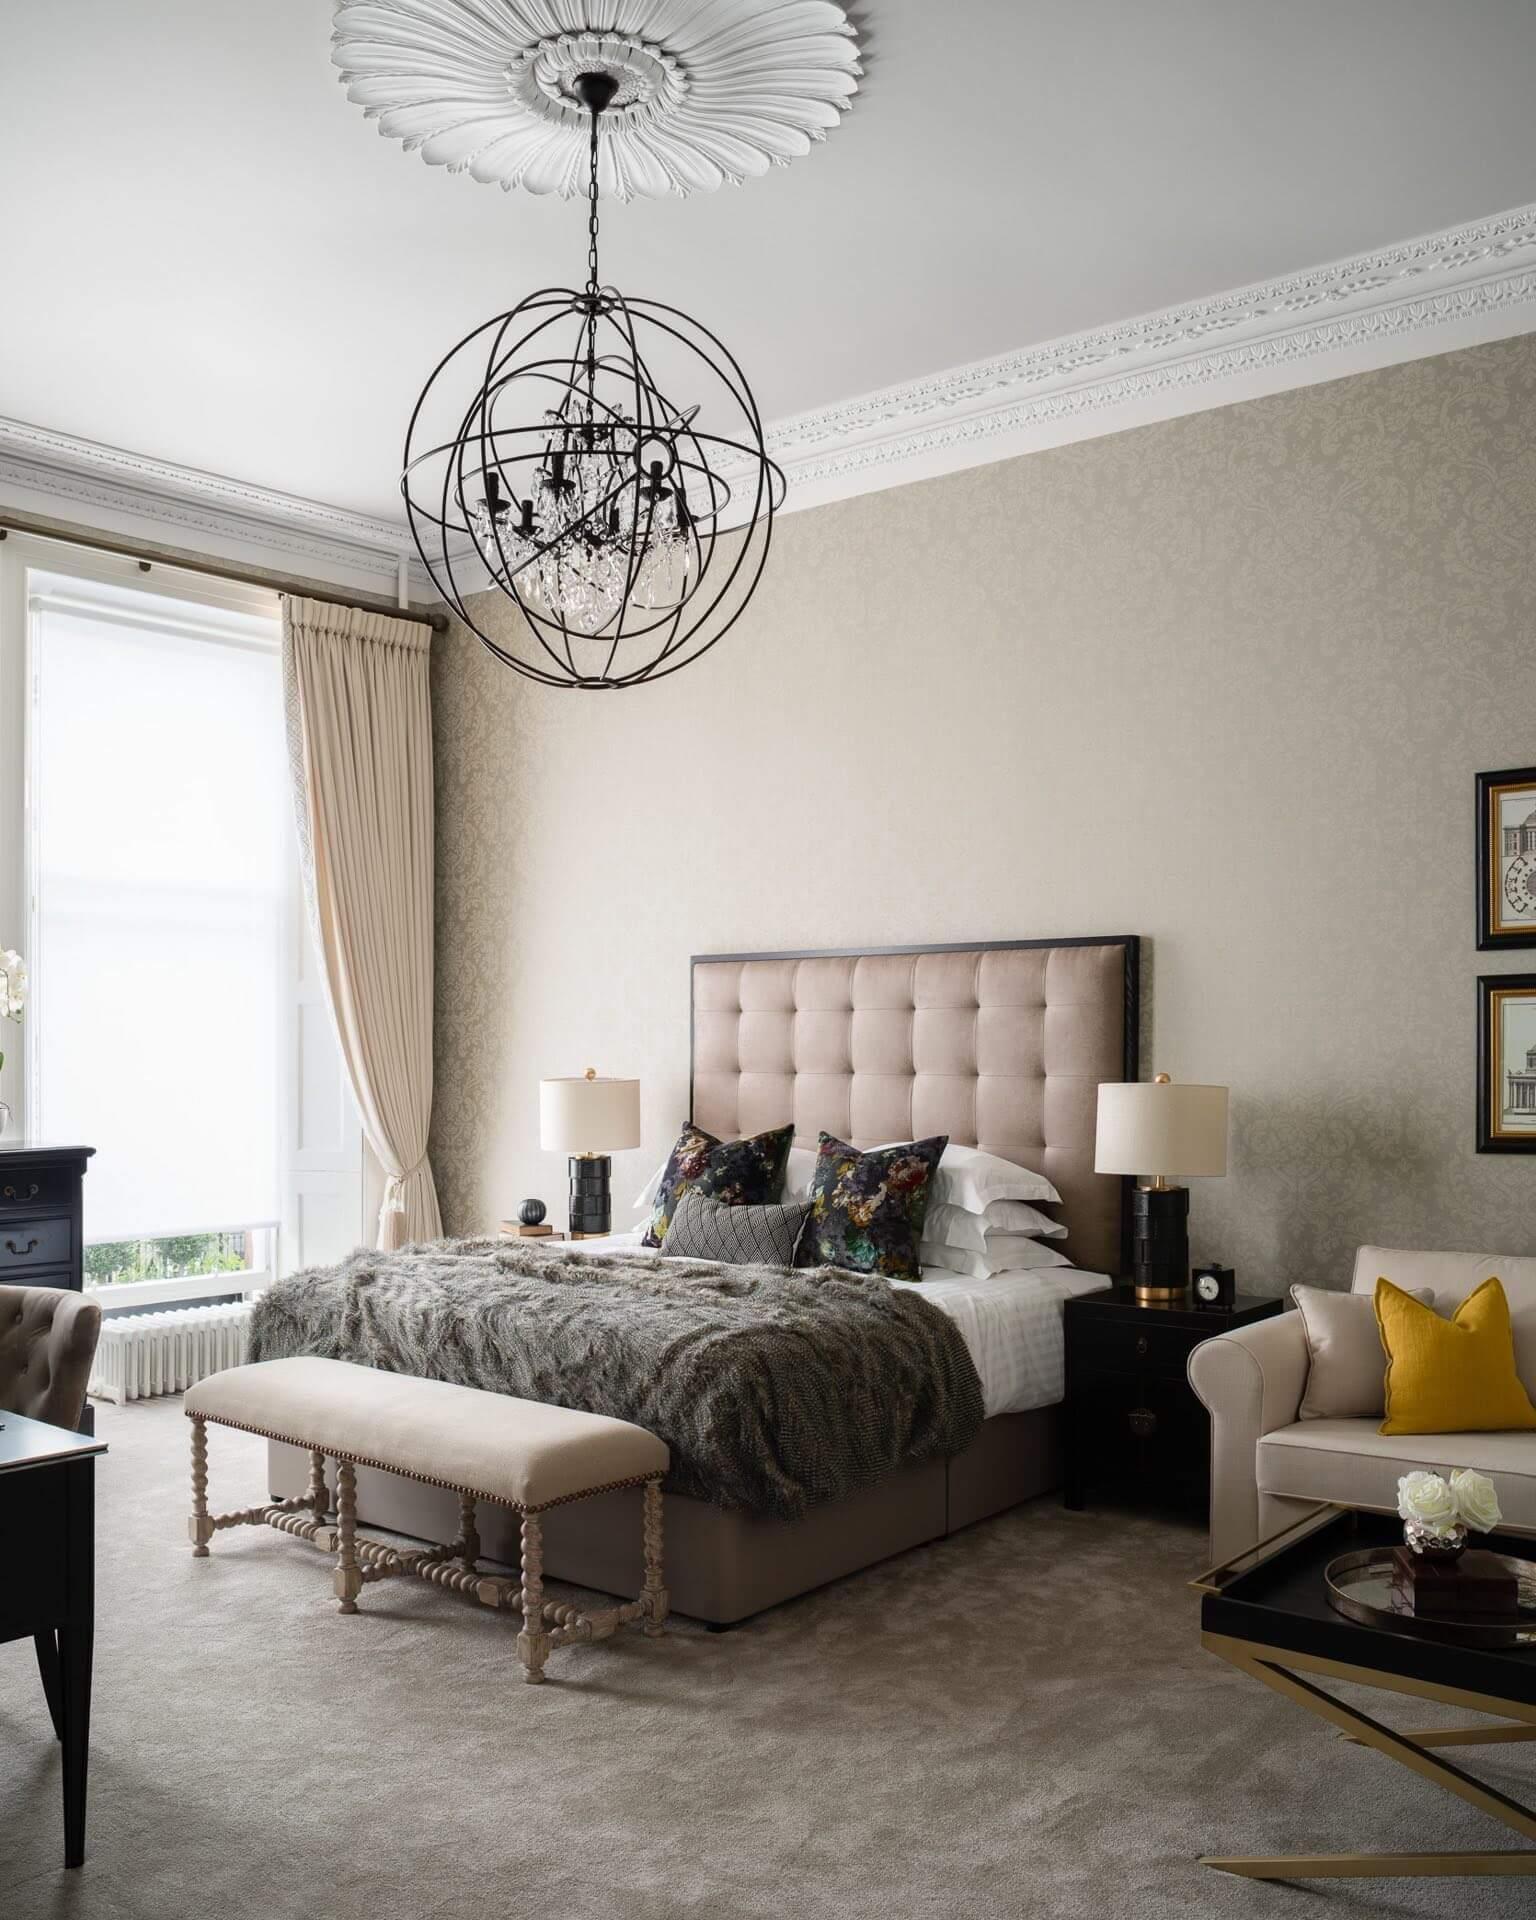 Web - JI - N H Top Floor Bedroom 2 Onepoint Stich.jpg